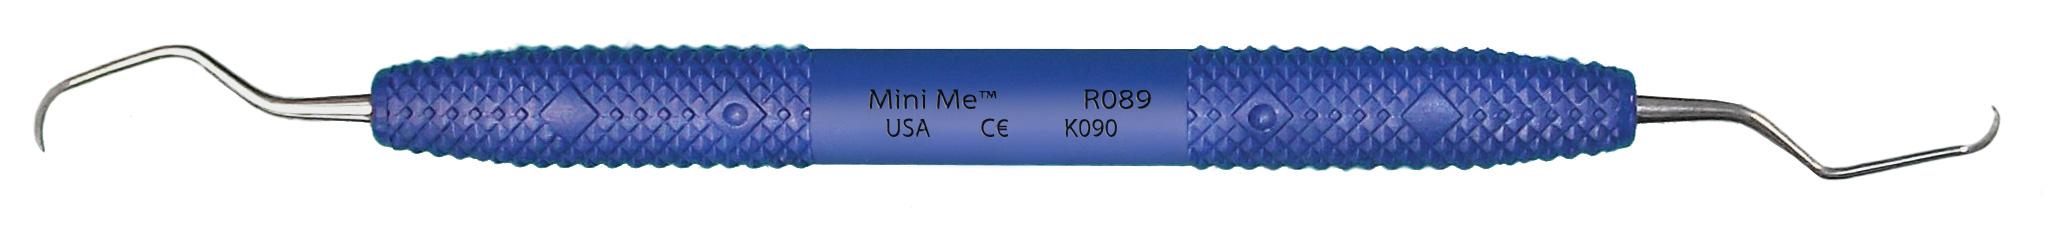 R089 Mini Me